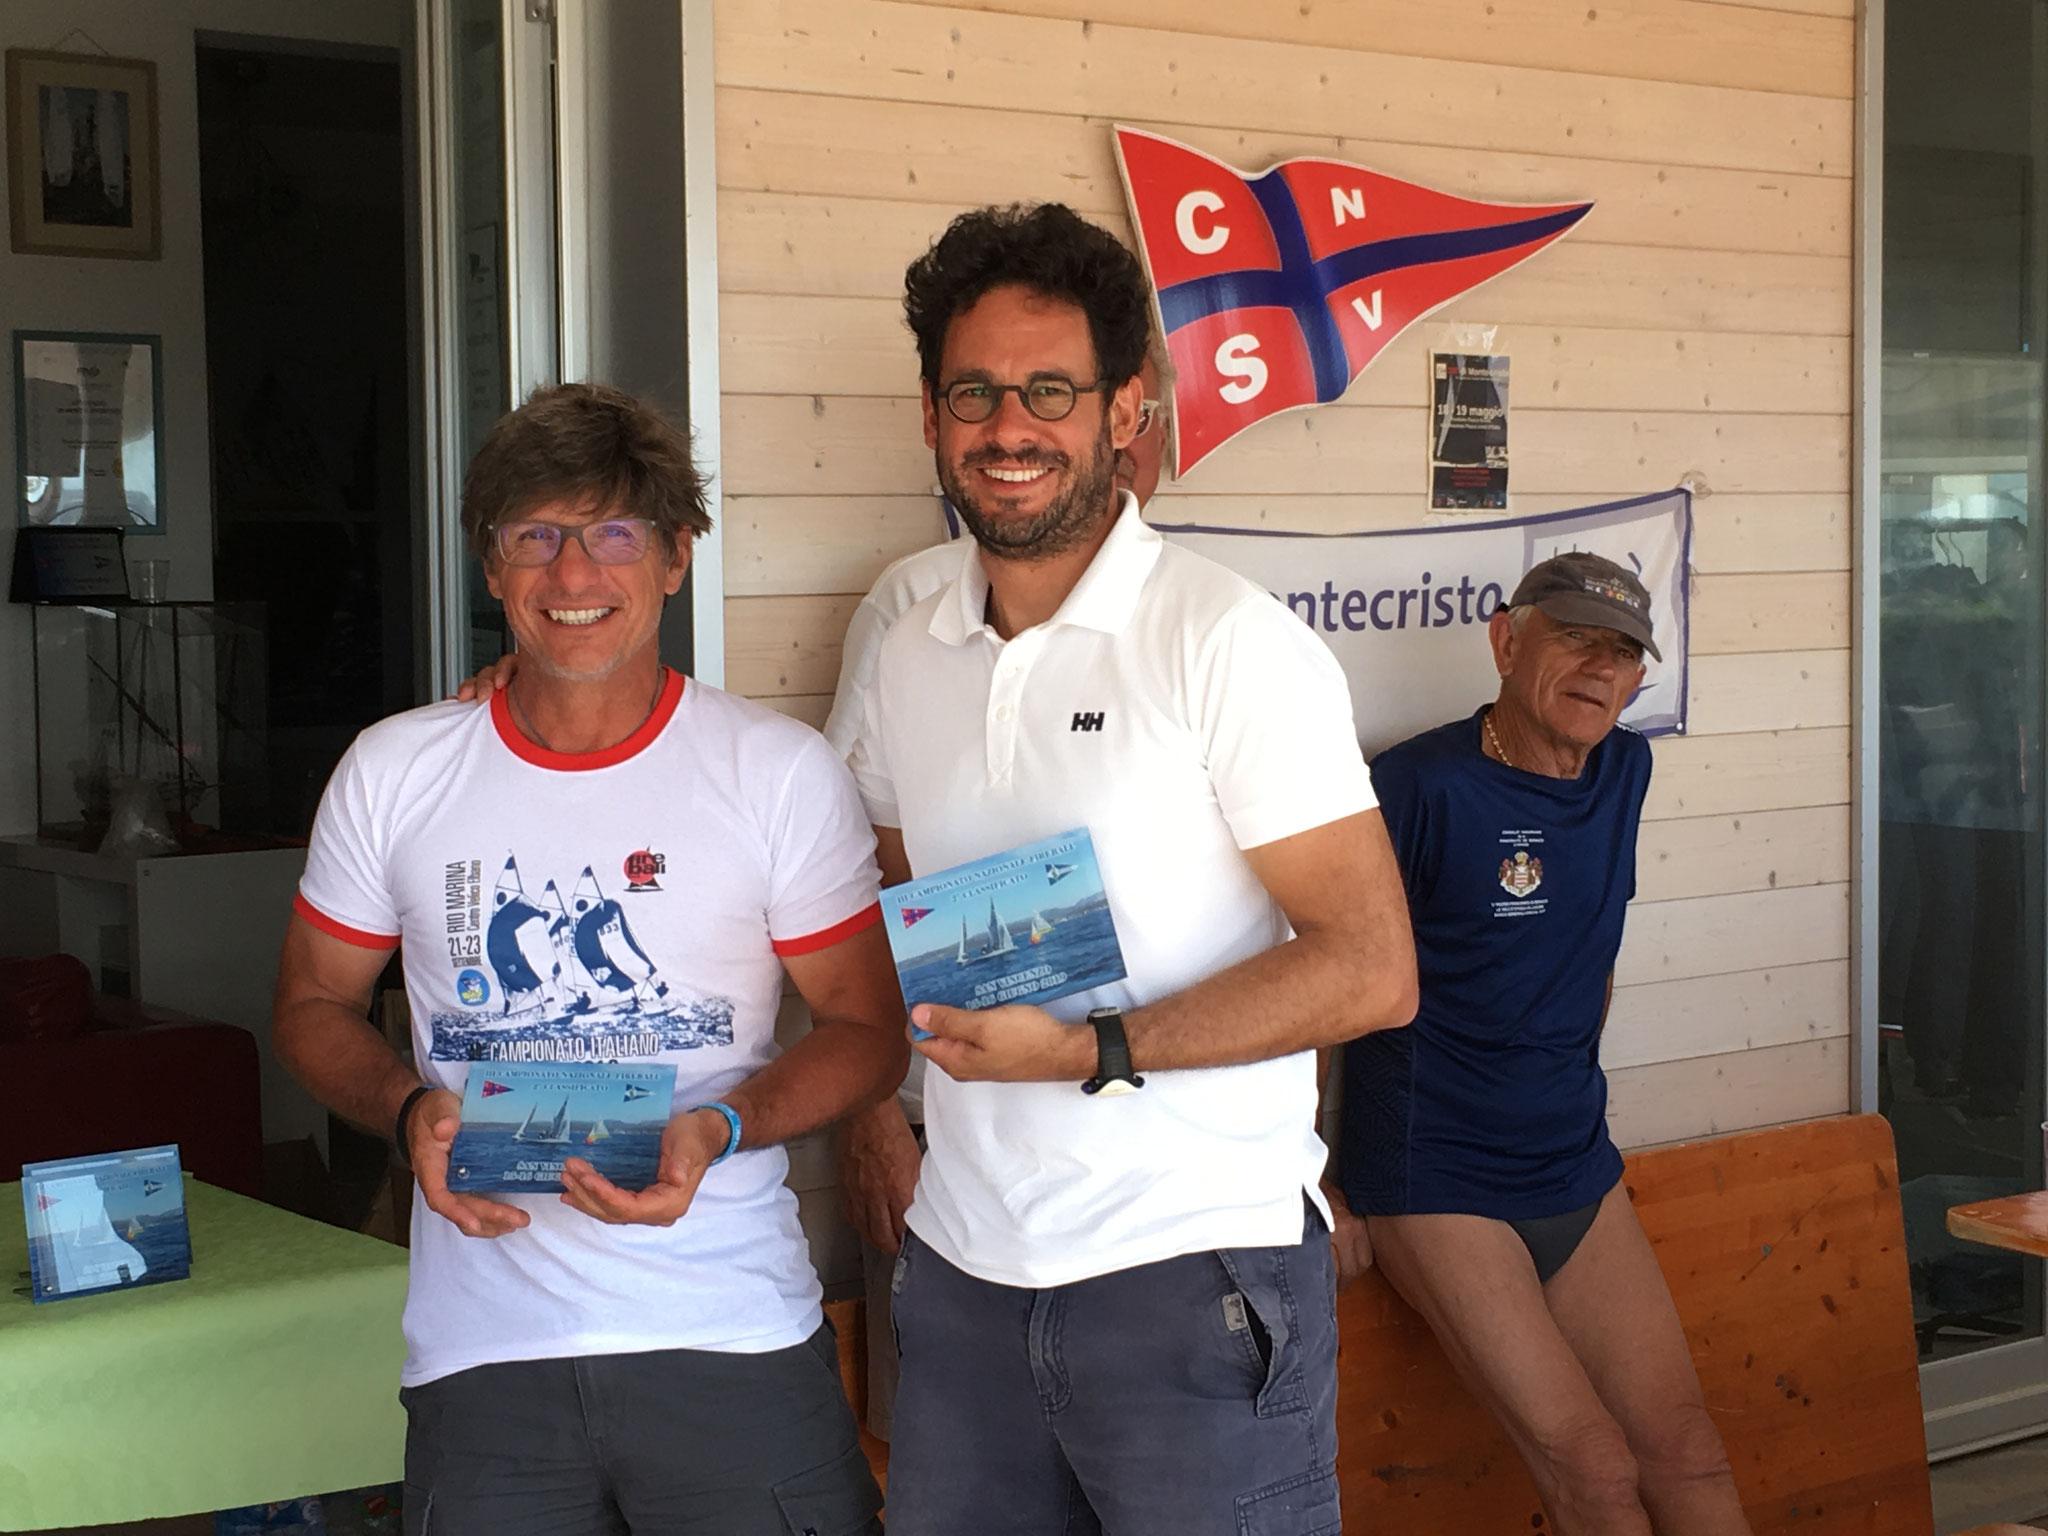 II° Posto - Steven Borzani e Matteo Brescia del Fraglia Vela Desenzano